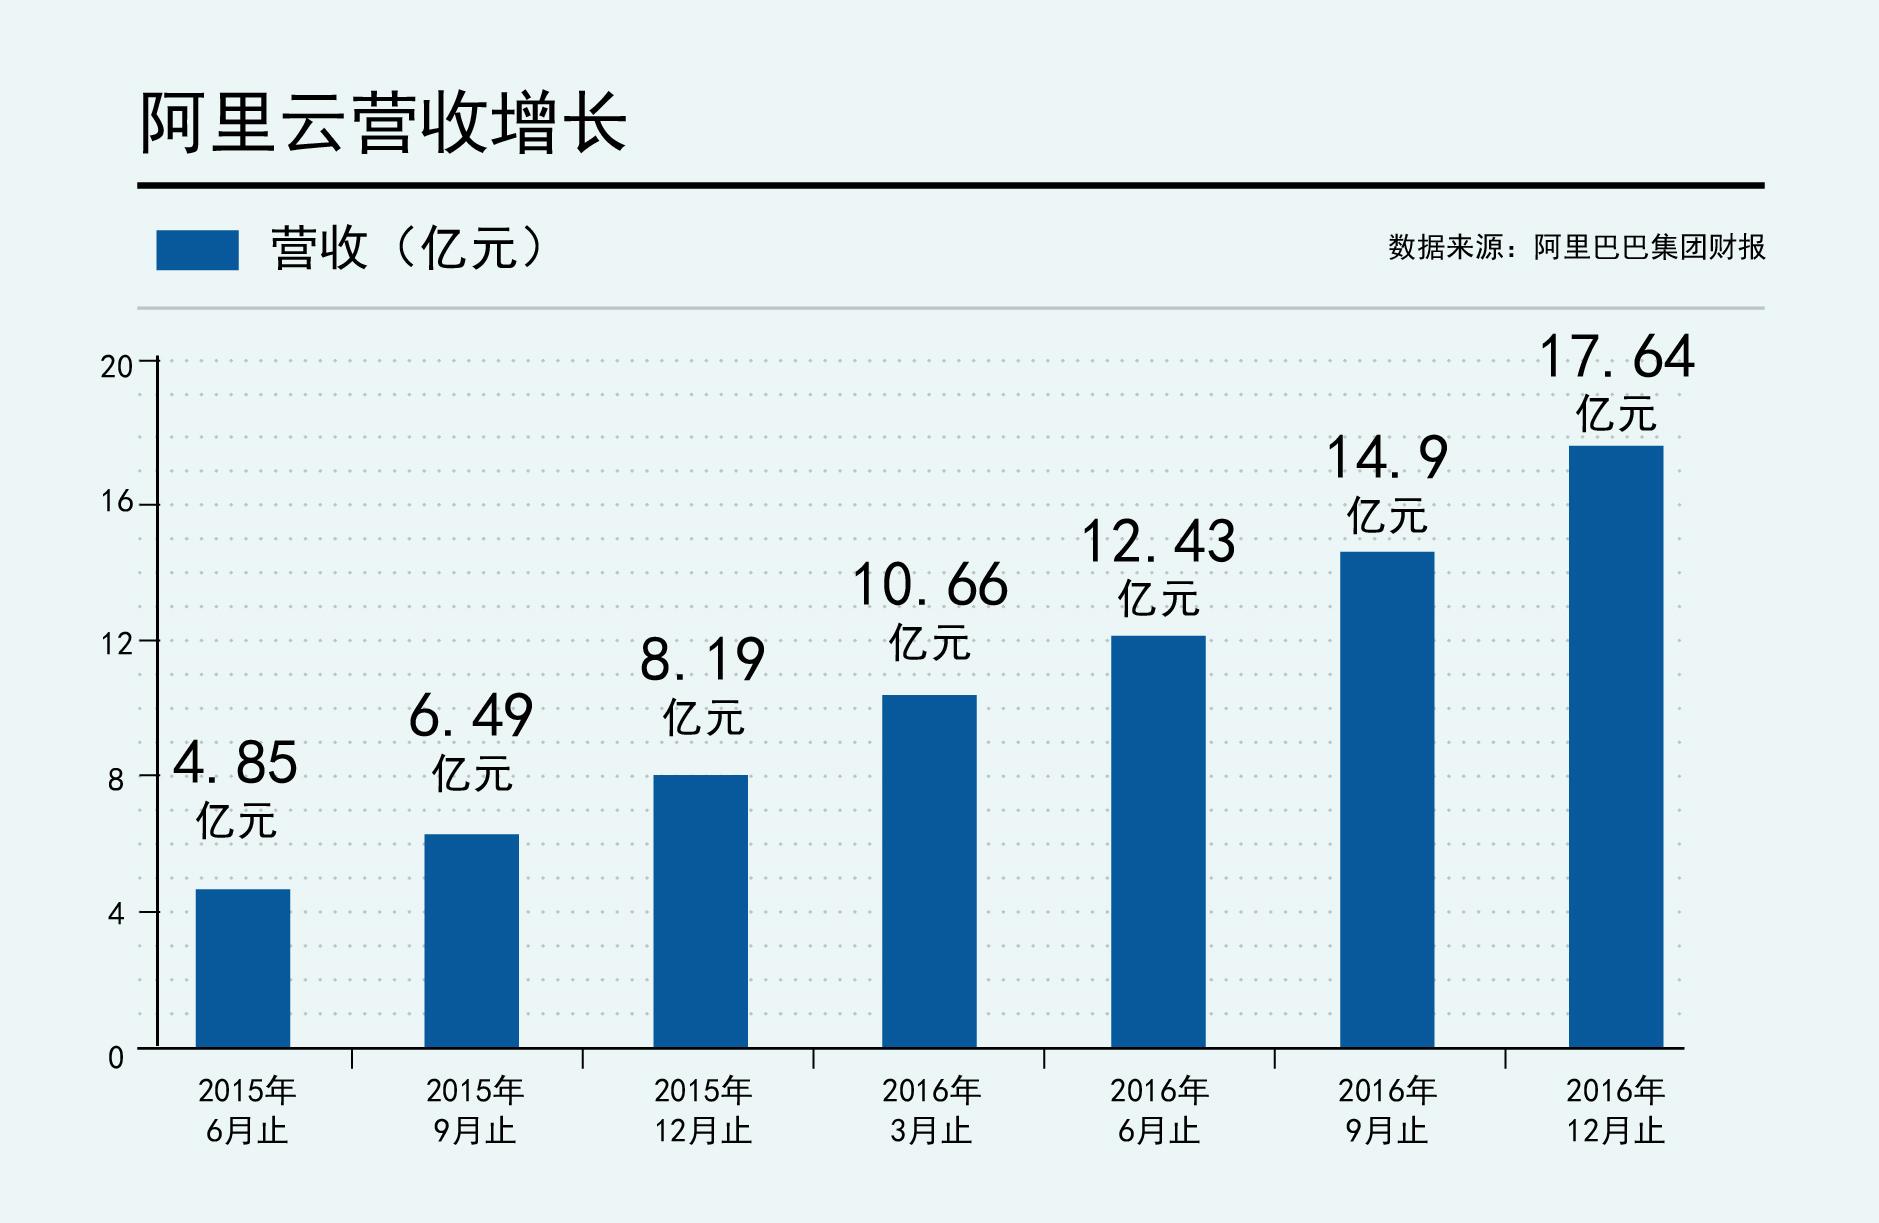 阿里巴巴公布2017财年Q3财报阿里云连续第7个季度规模翻番